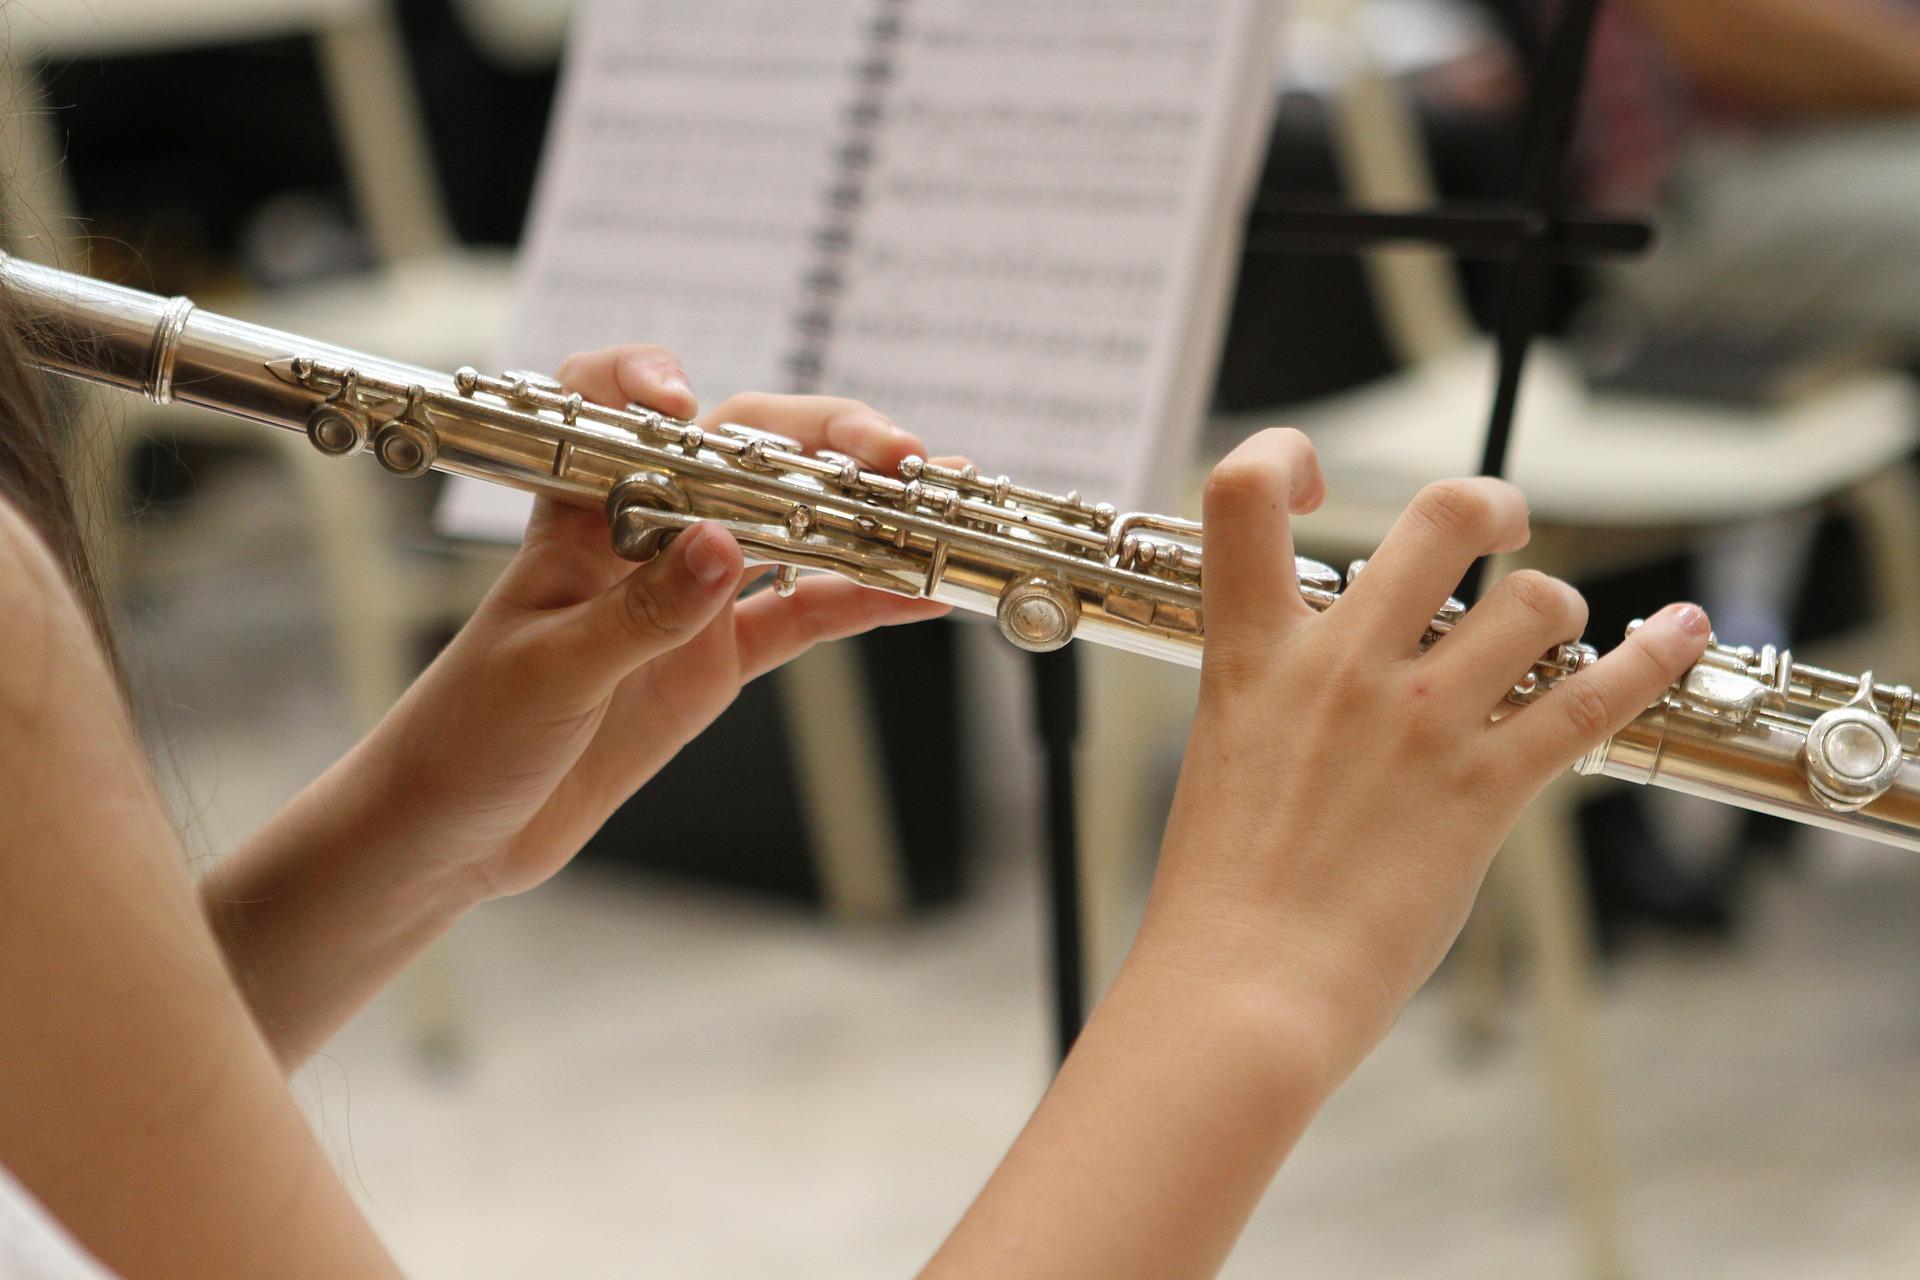 Bergedorfer Jugendmusikanten-Wettstreit, Jugendmusikschule Hamburg, Bezirk Bergedorf, Förderung, Lichtwark, Kinder, Jugendliche, Singen, Instrumente, Musizieren